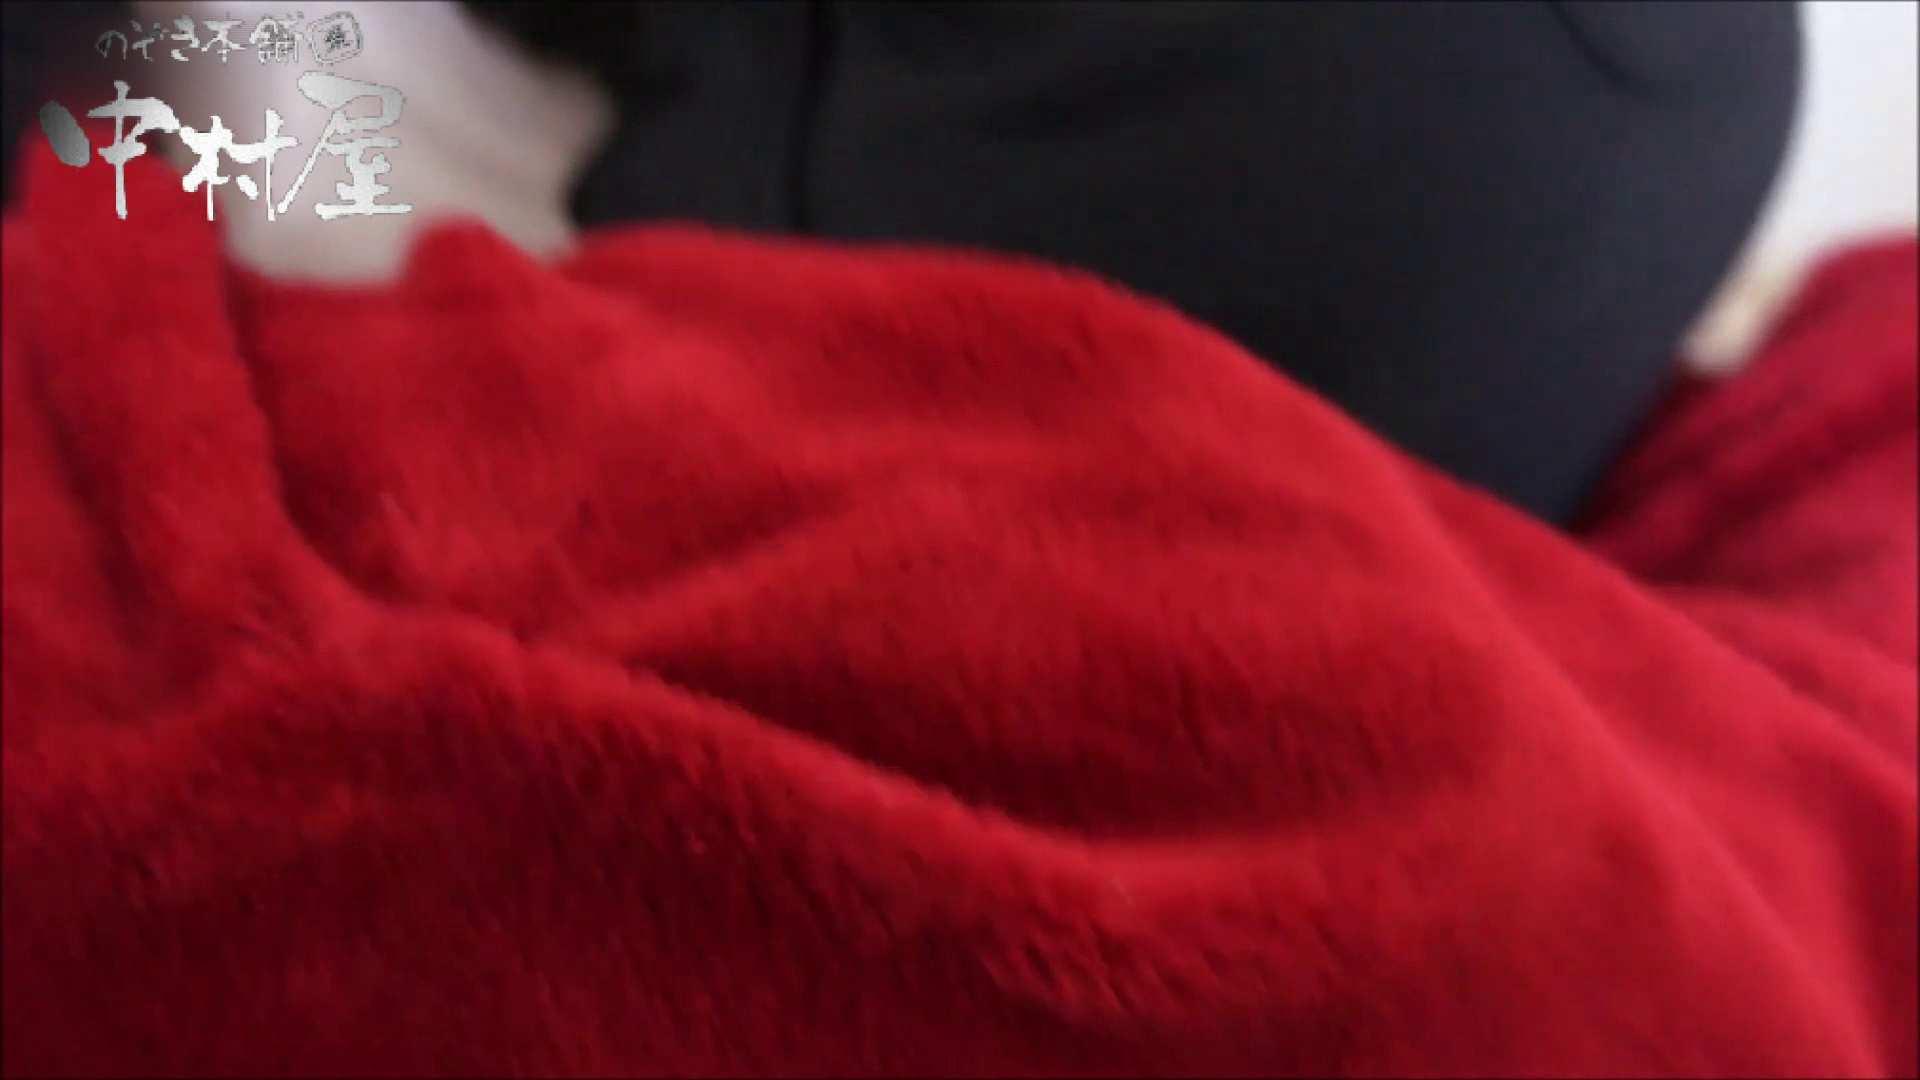 わが愛しき女良達よFile.104【未公開】3人一緒に・・・【れいか編】 マンコ特別編 エロ画像 105枚 52